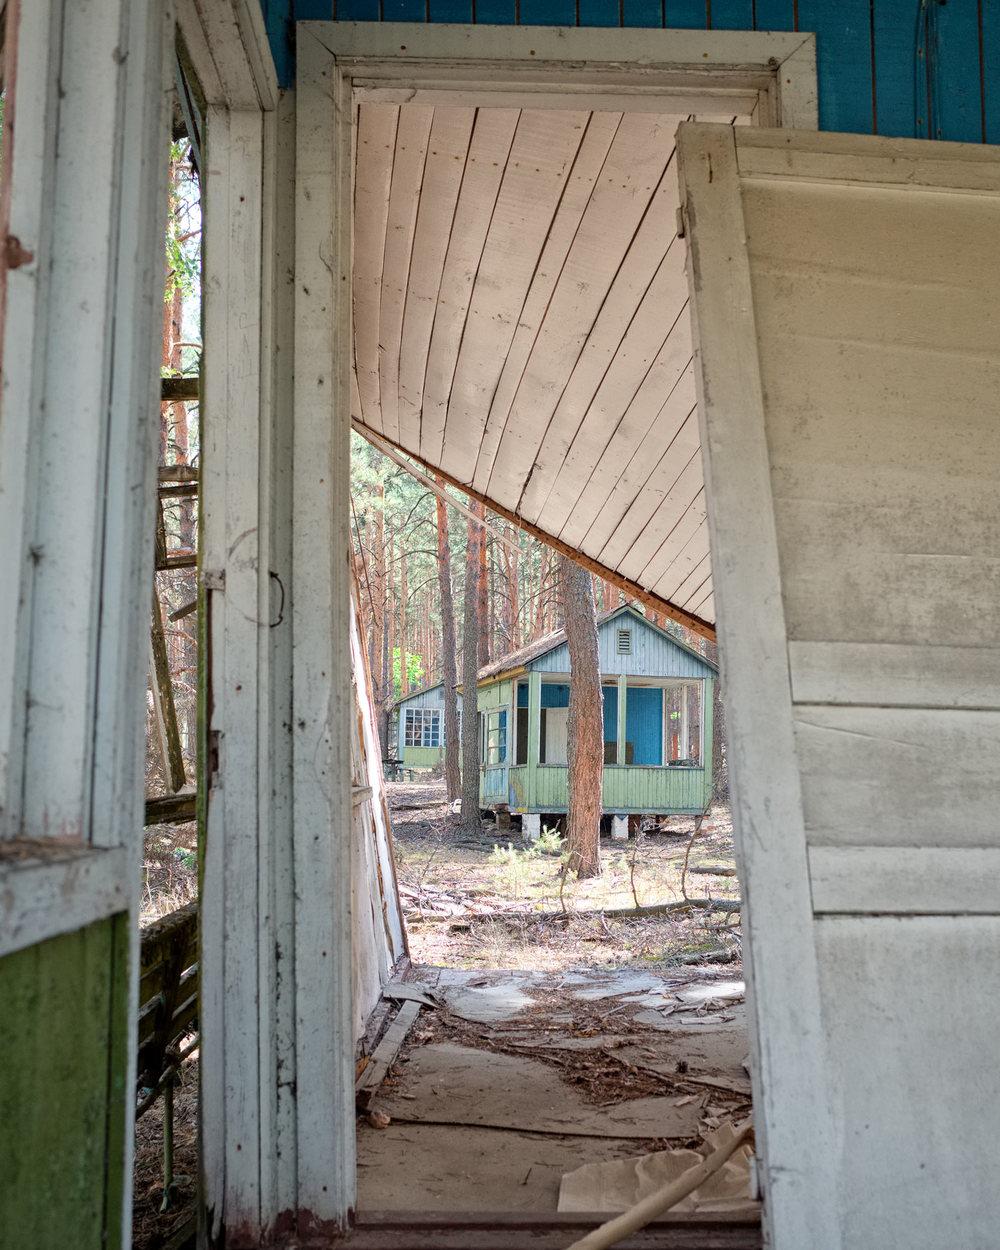 289_chernobyl_EmeraldChildrensCamp_w.jpg